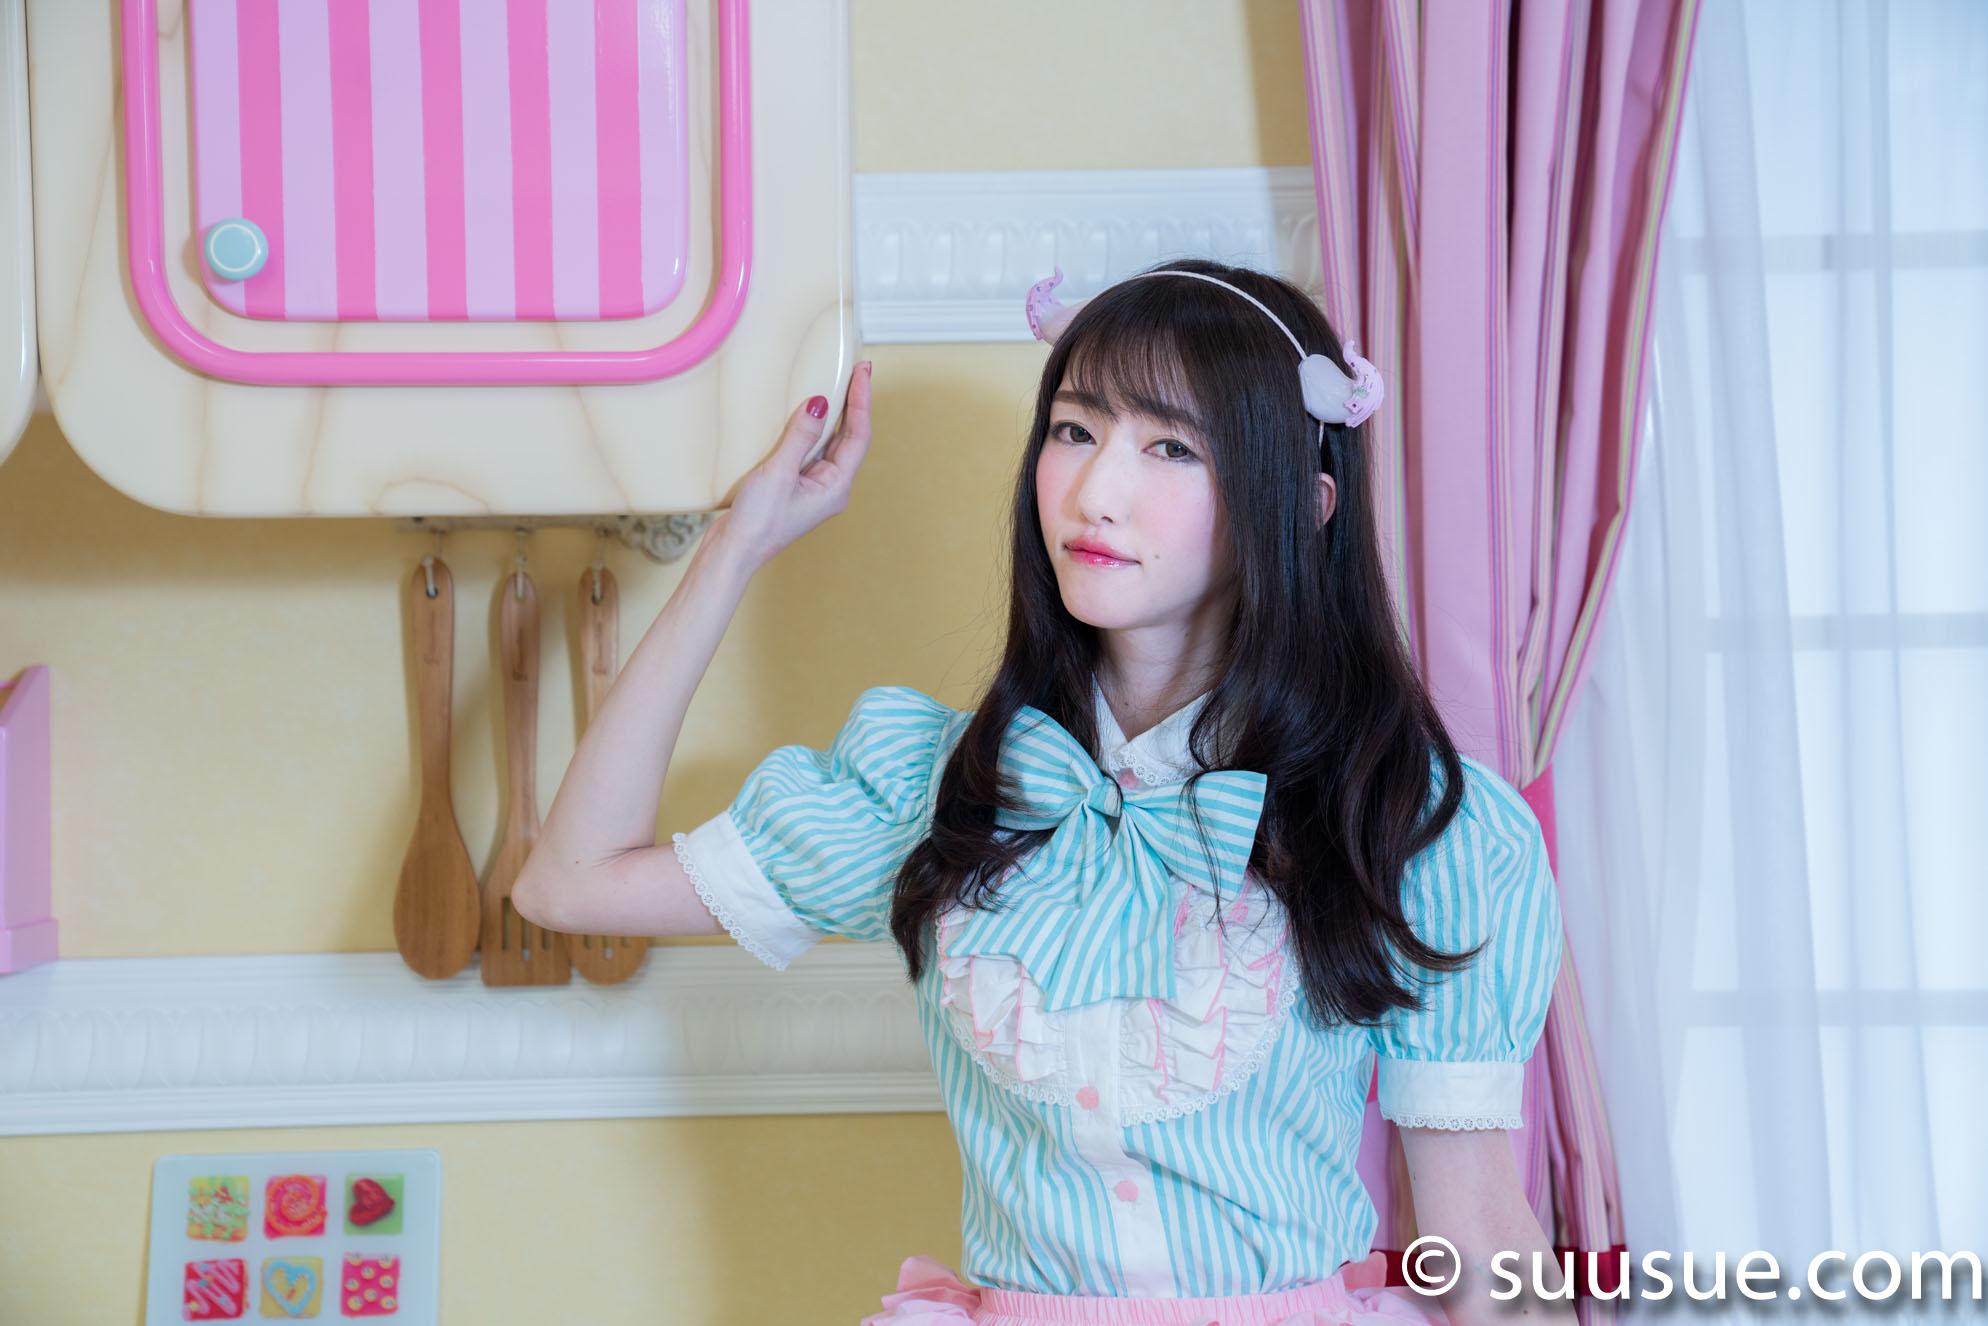 2019/01/12 キャンディフルーツフォトクラブ  みゆ